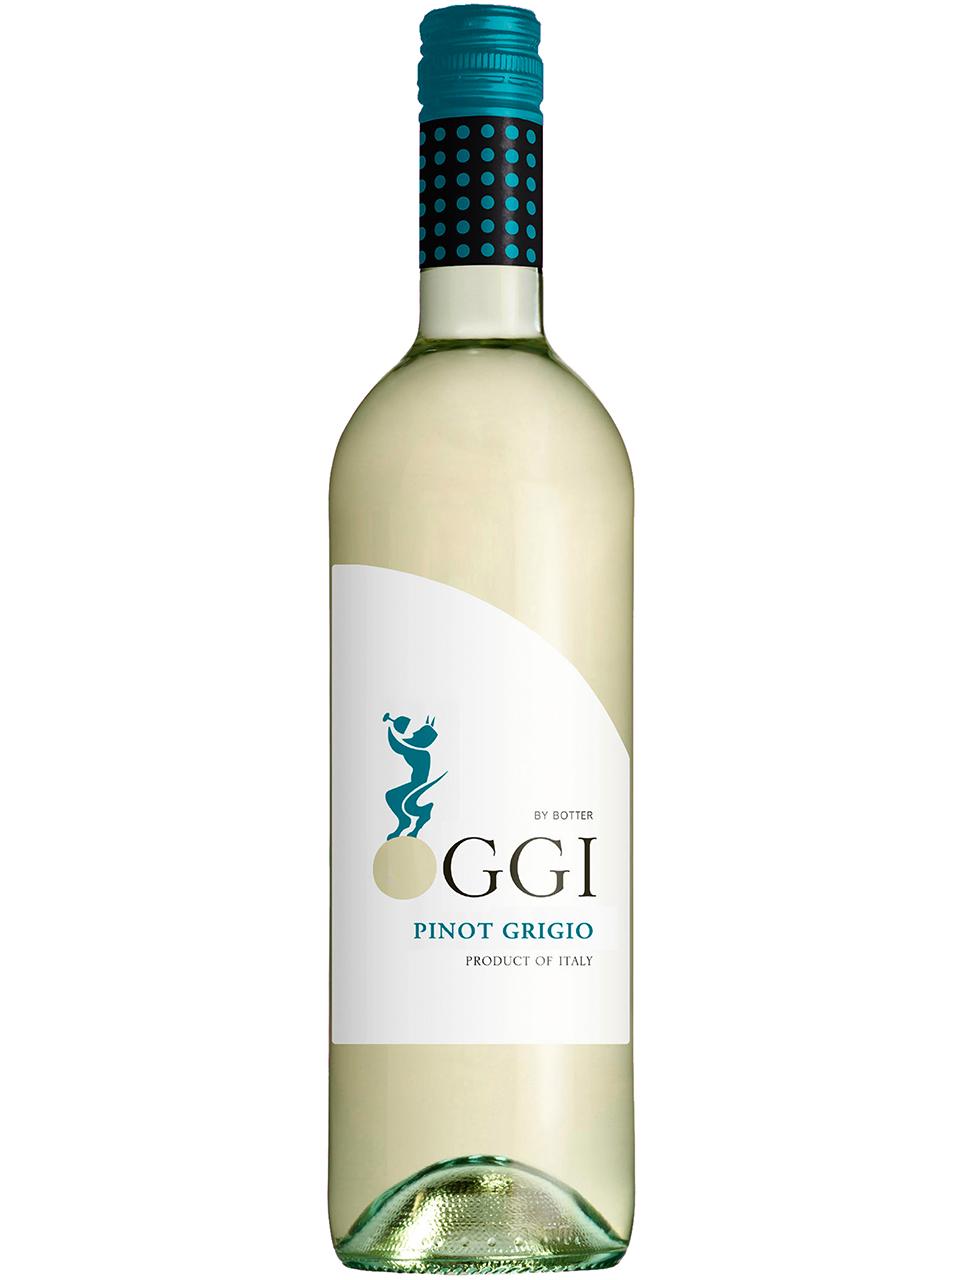 Oggi Pinot Grigio IGT Delle Venezie